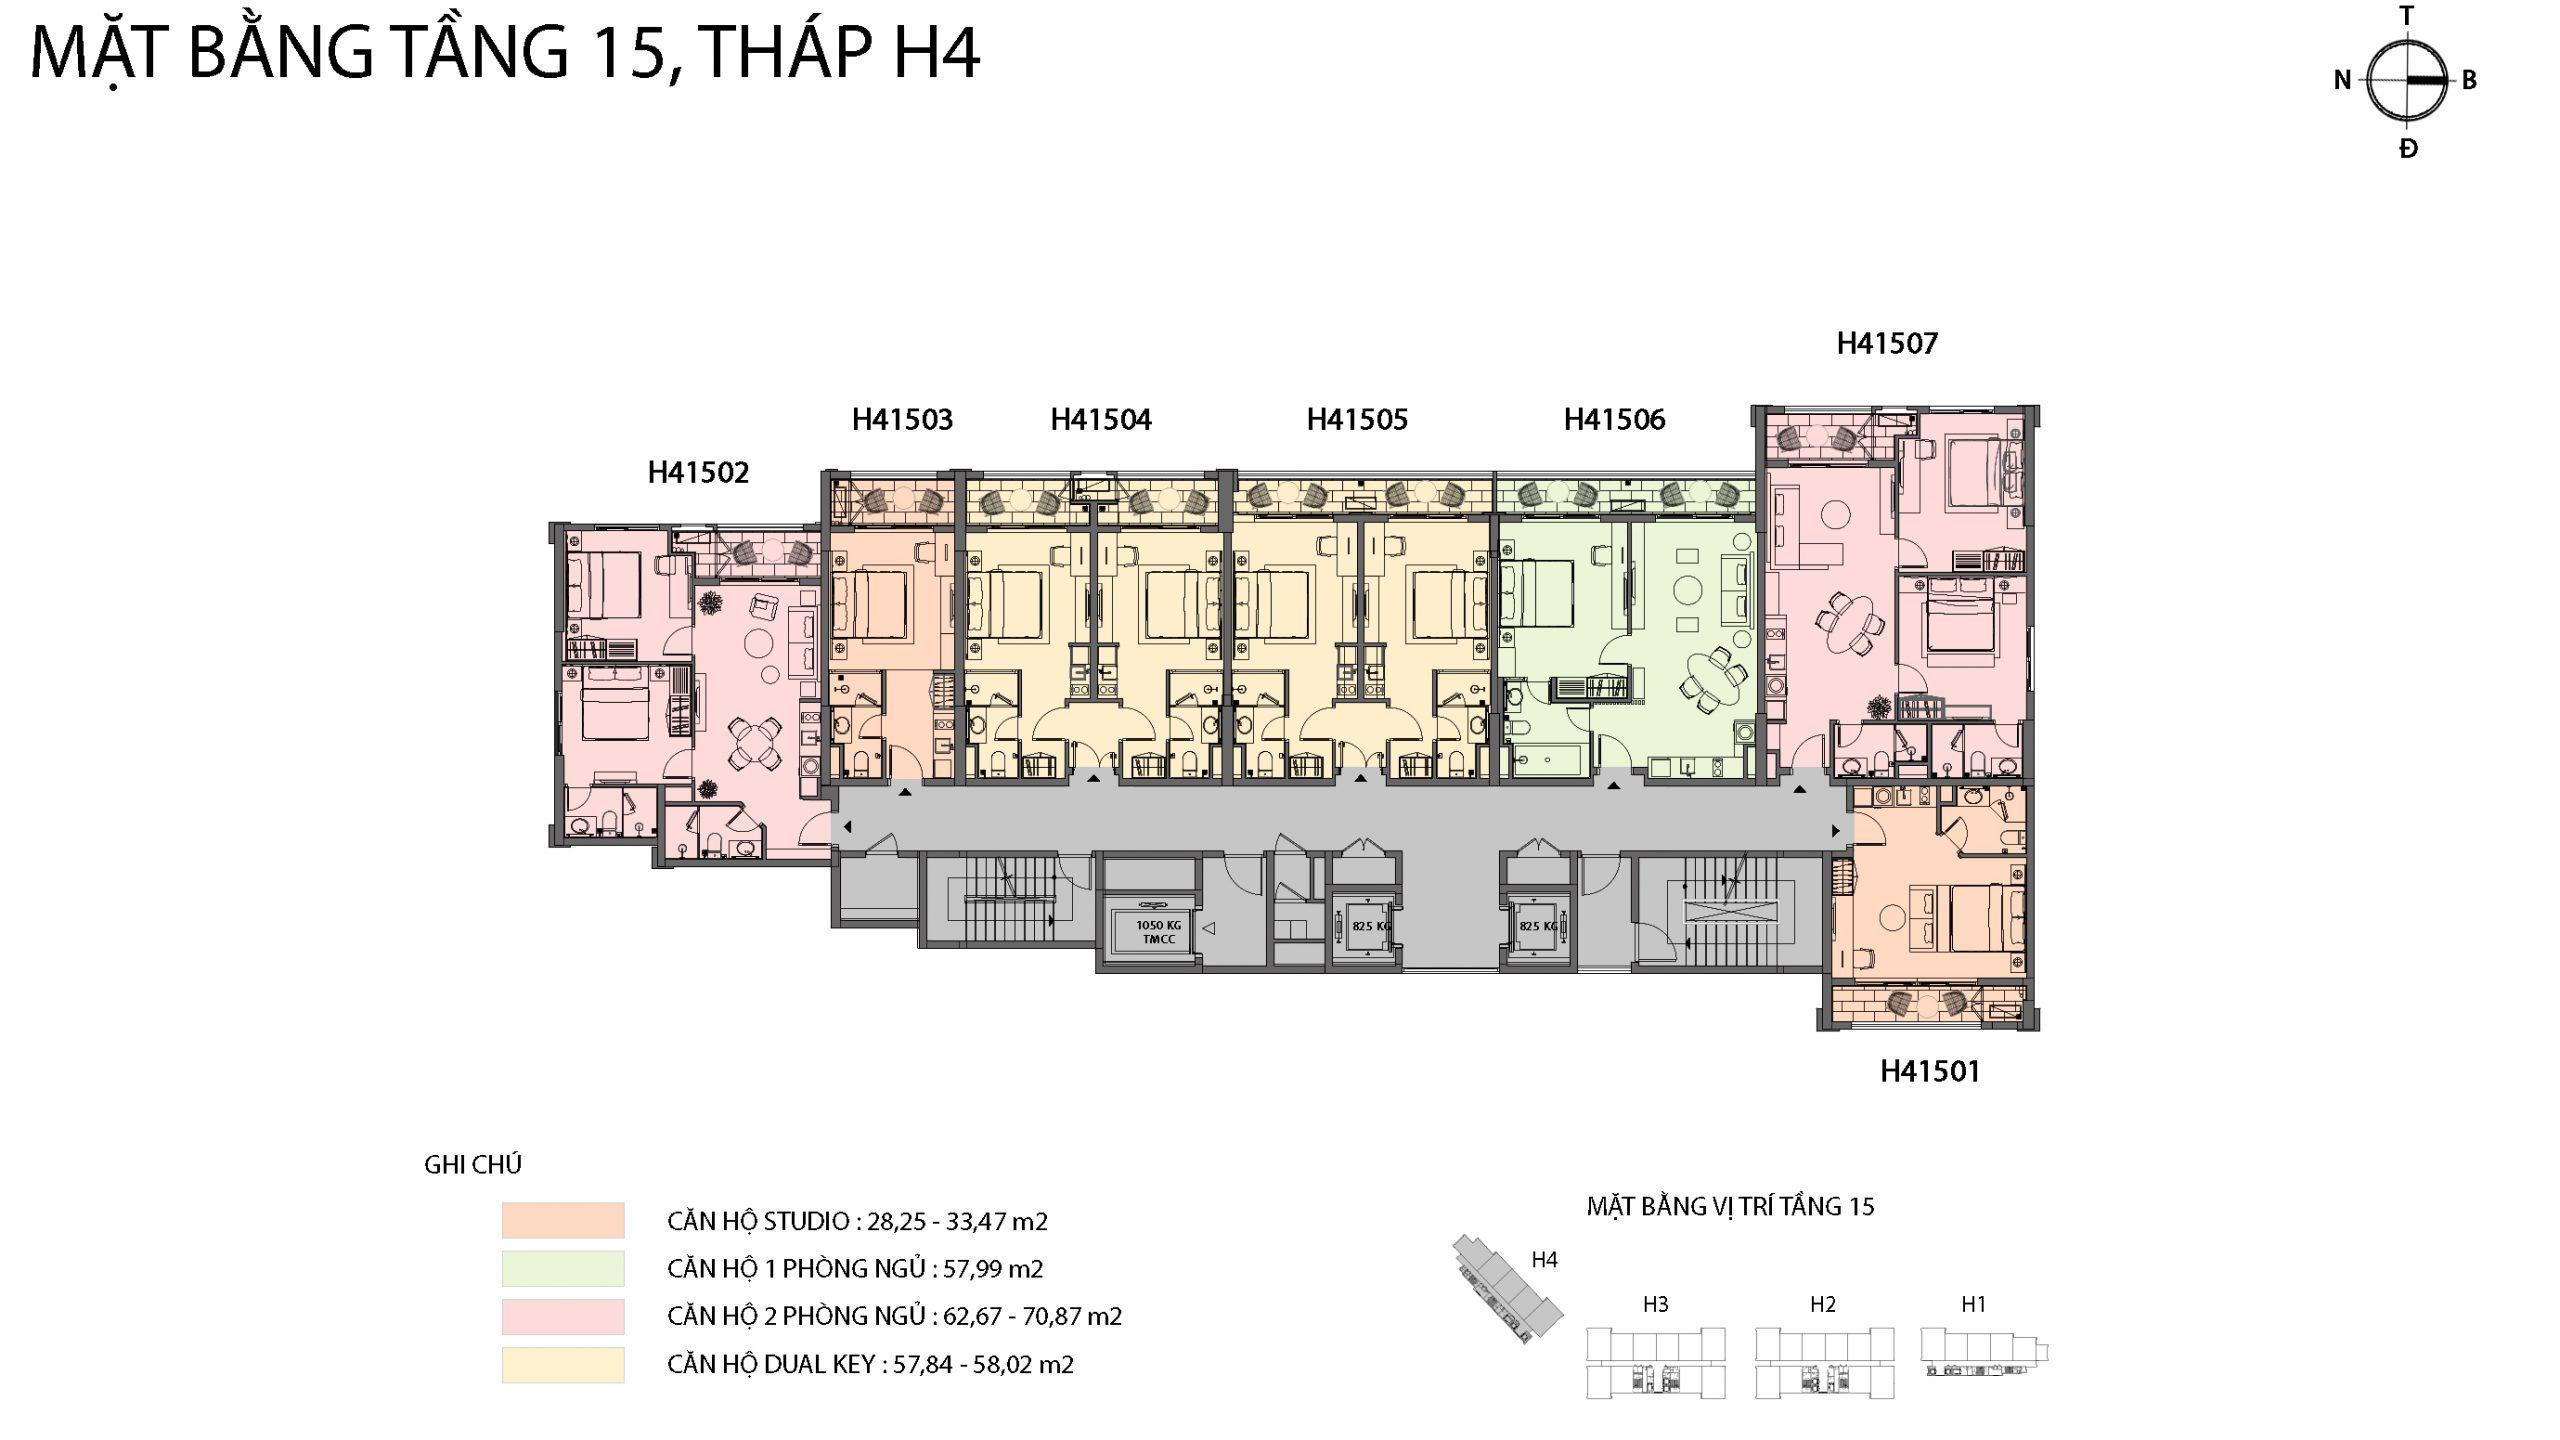 Mặt bằng chi tiết tòa căn hộ H4 - Sun Grand City Hillside Residence 13